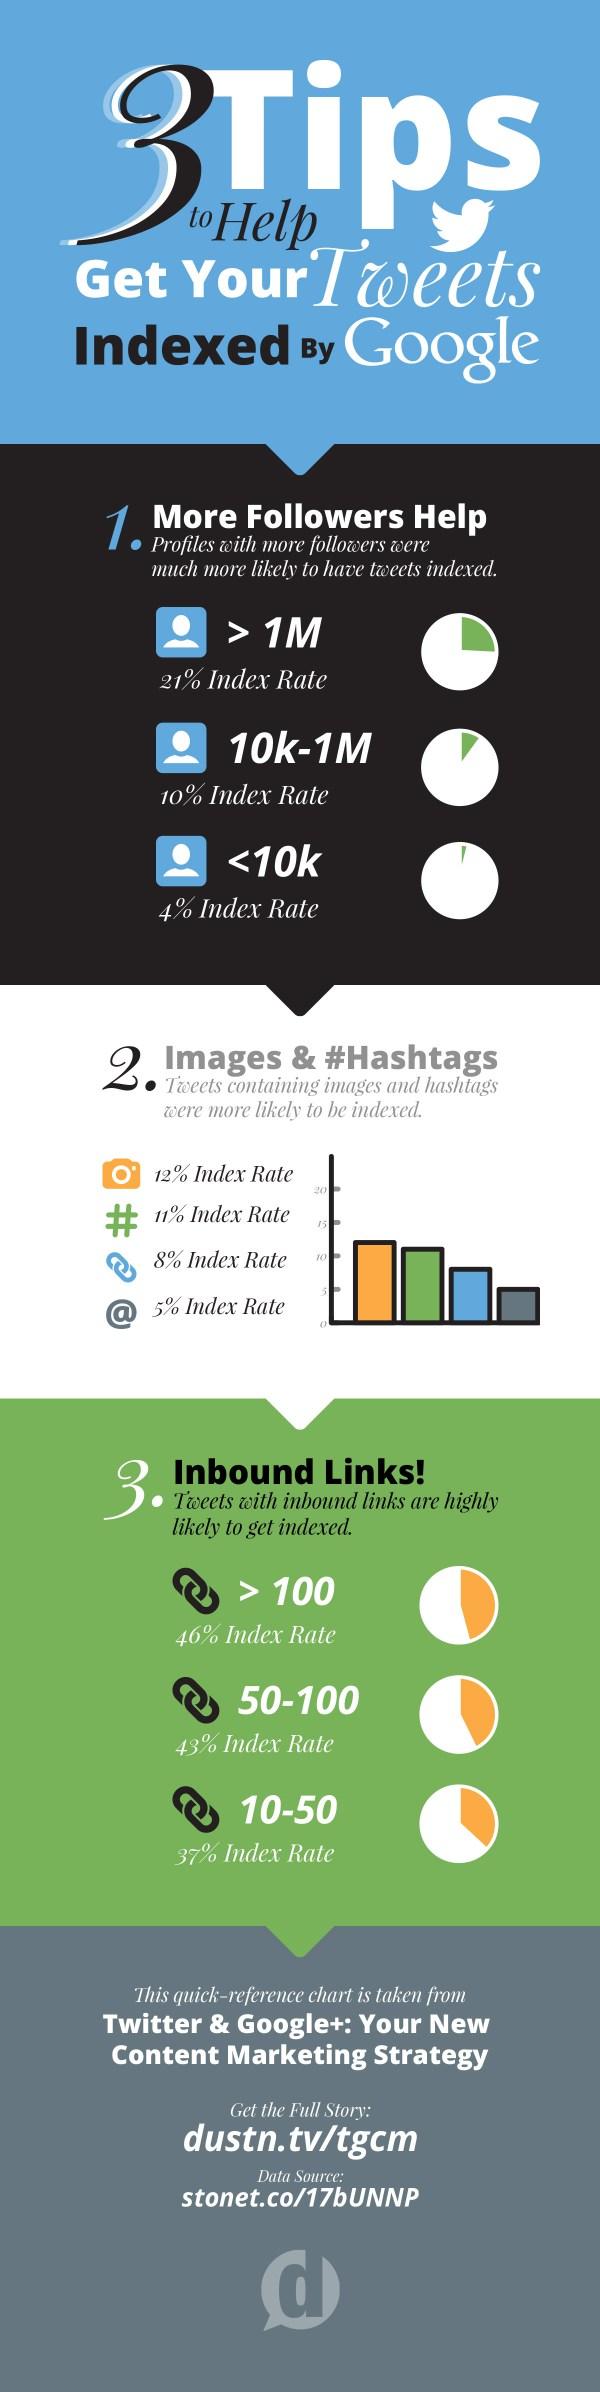 get-tweets-indexed-tips-infographic